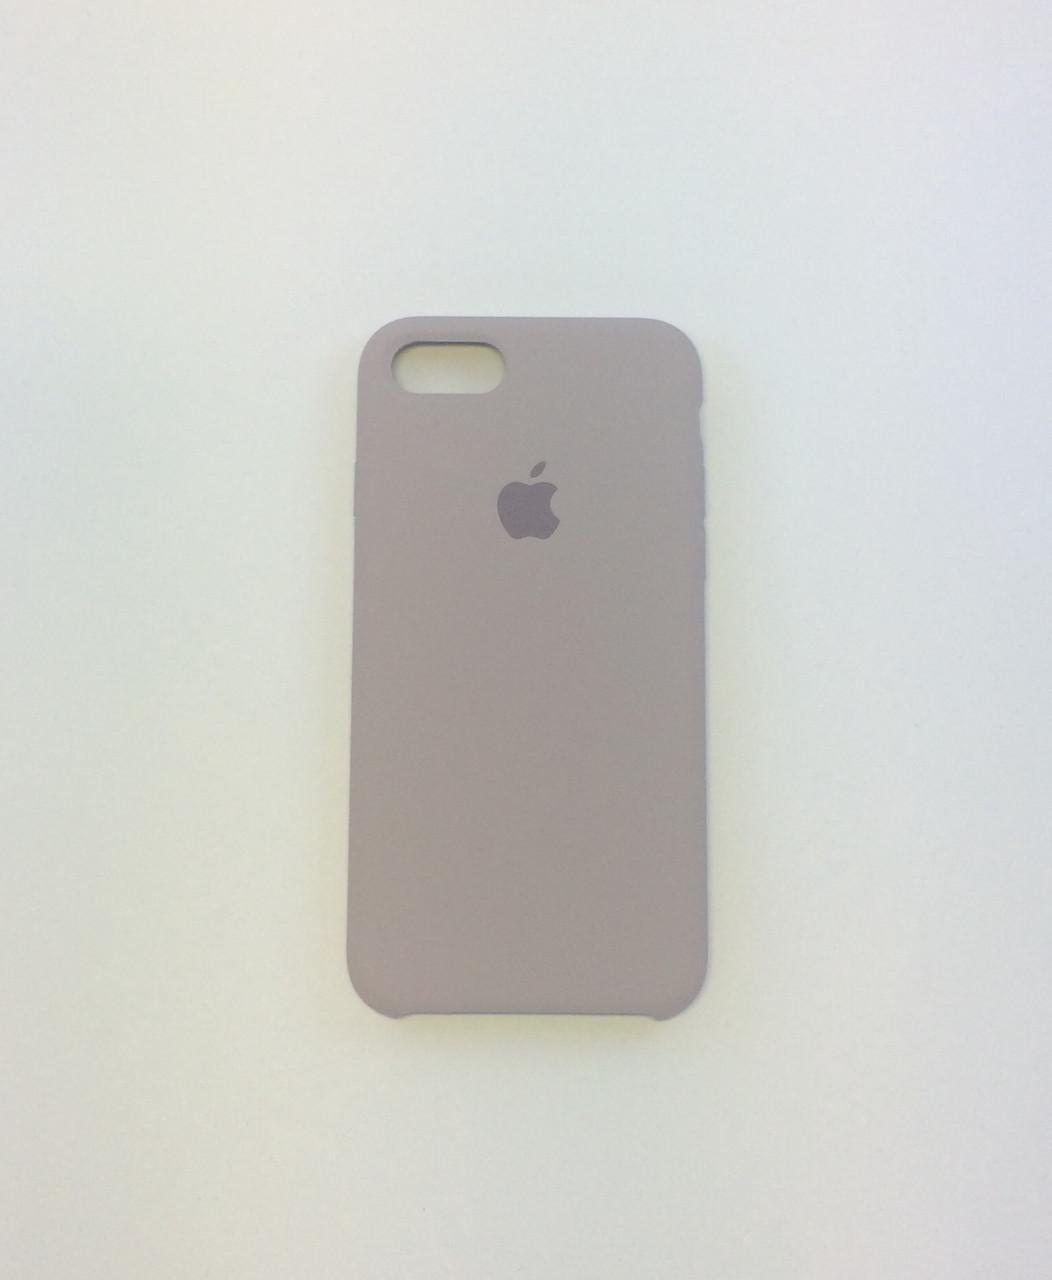 Силиконовый чехол iPhone 8 Plus, лаванда, copy original